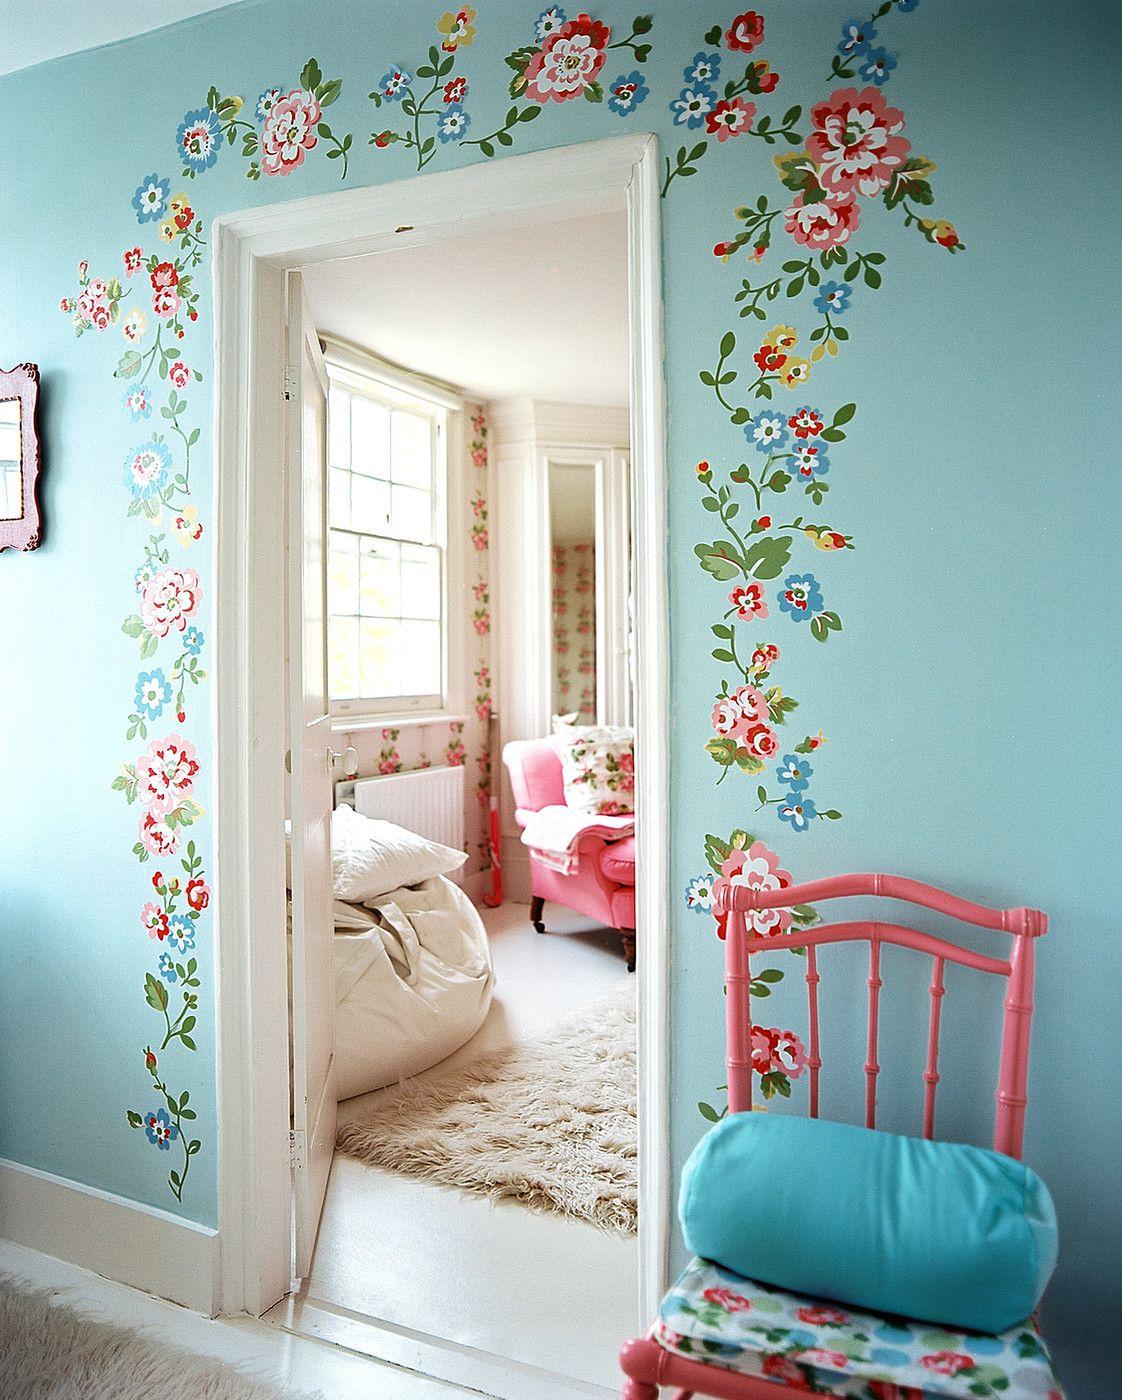 Porte décorée avec goût et douceur dans la chambre